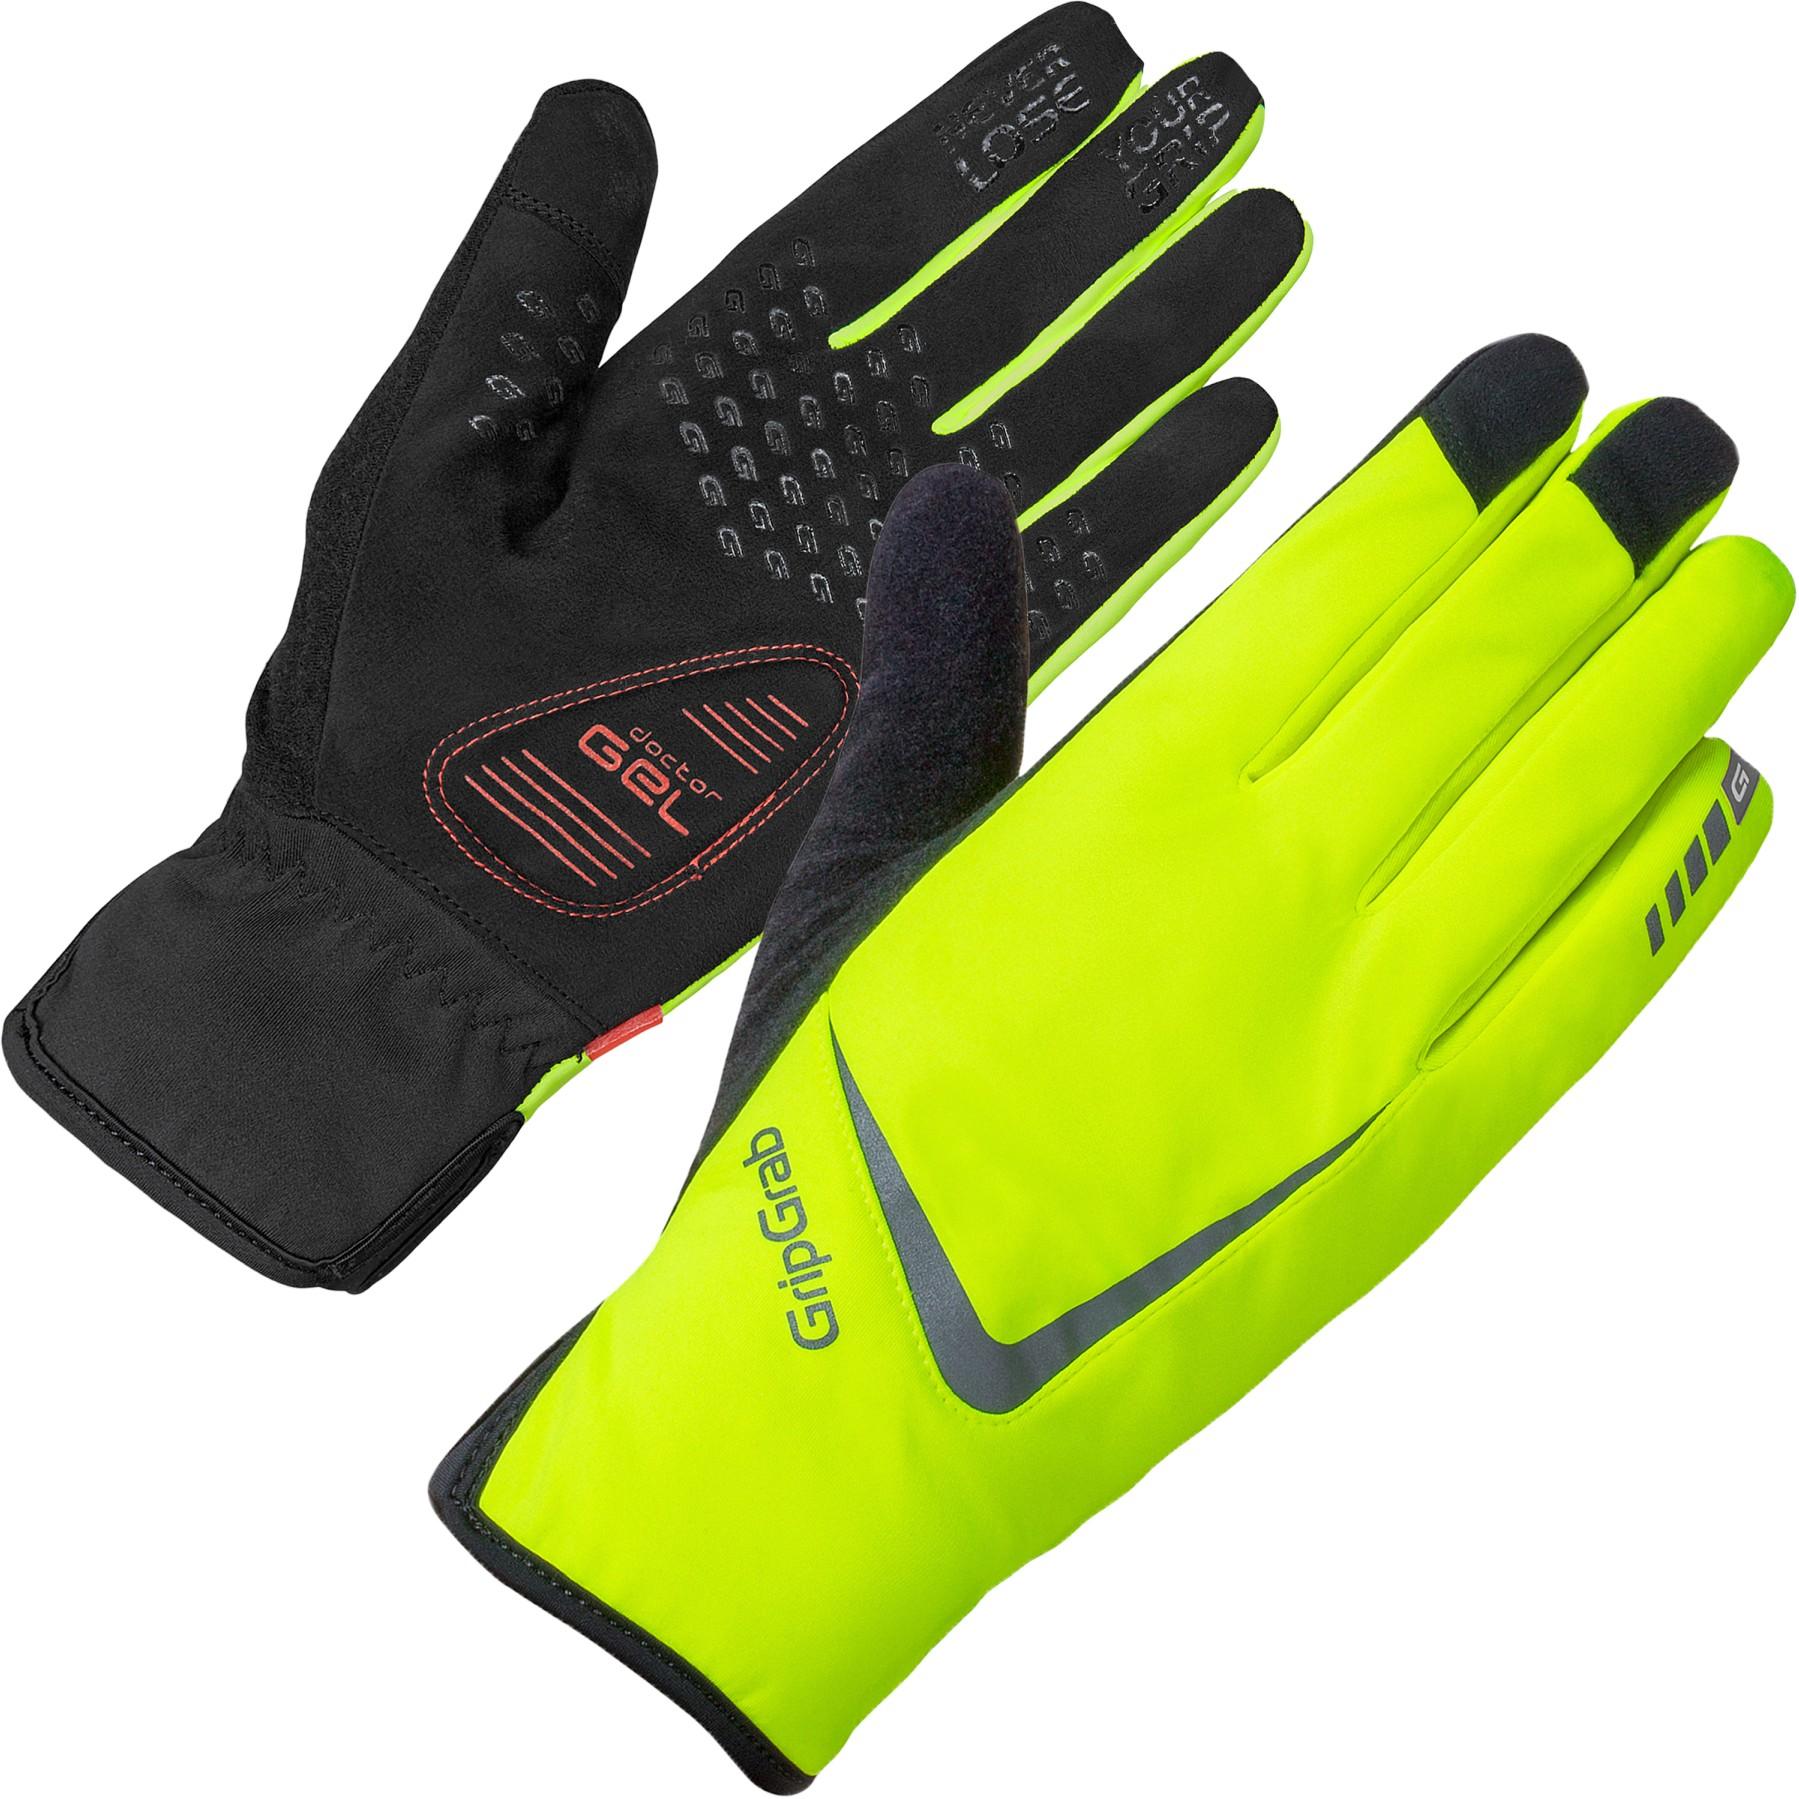 GripGrab Cloudburst Hi-Vis Waterproof Midseason Glove - Yellow Hi-Vis